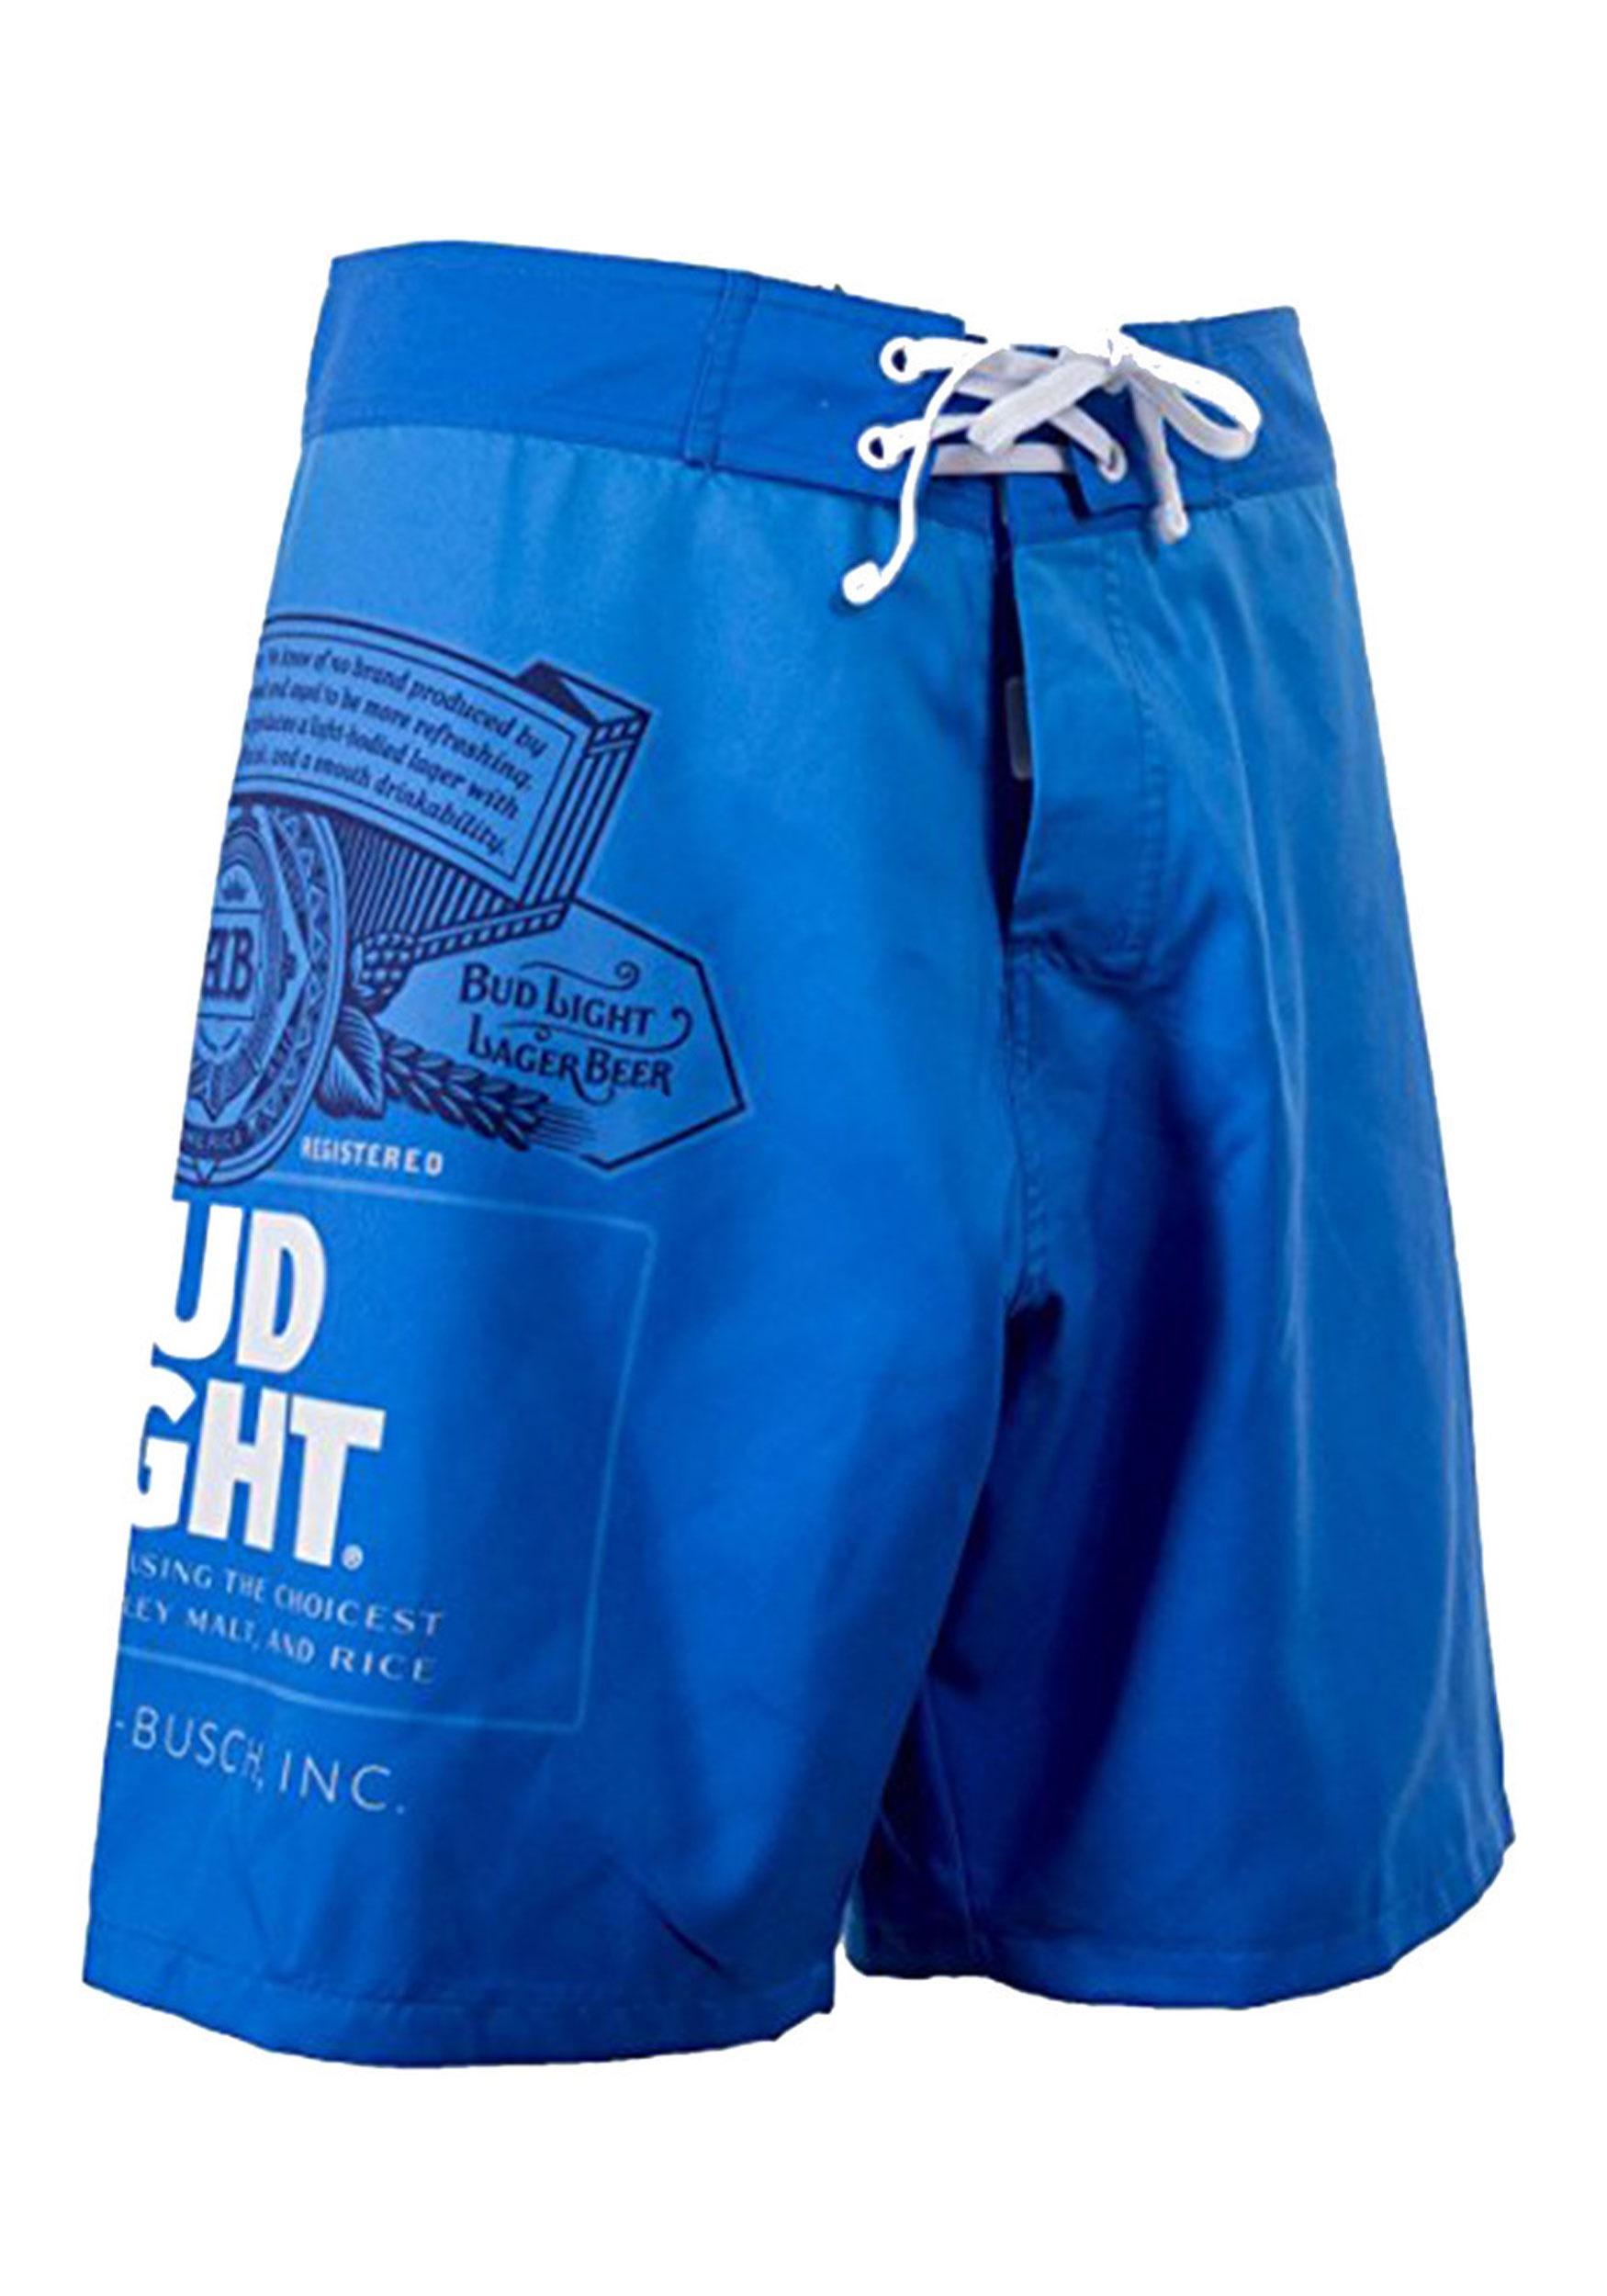 84bf09f02e2 Bud Light Men s Swim Trunks